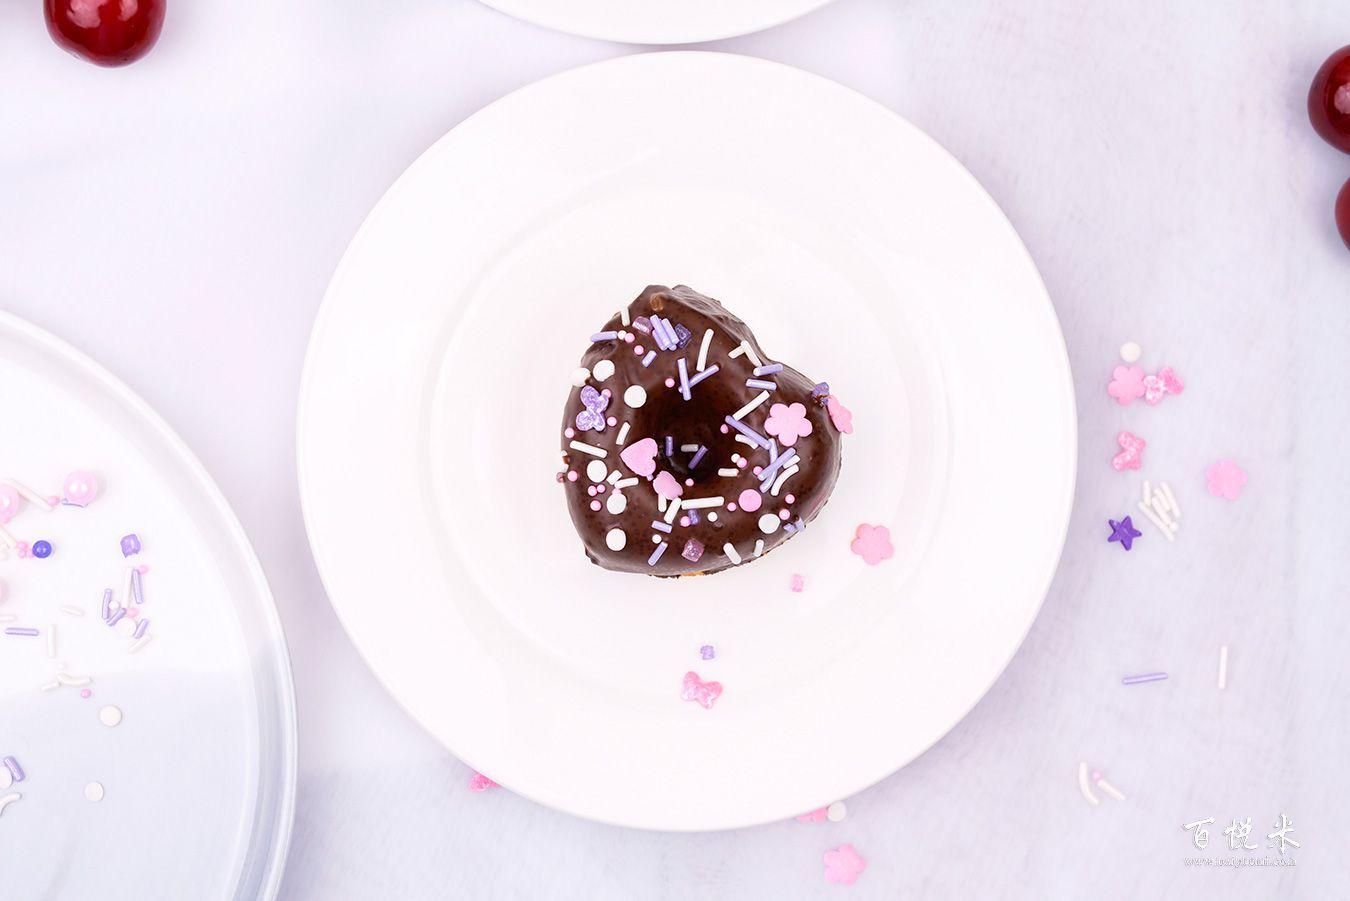 甜甜圈高清图片大全【蛋糕图片】_655